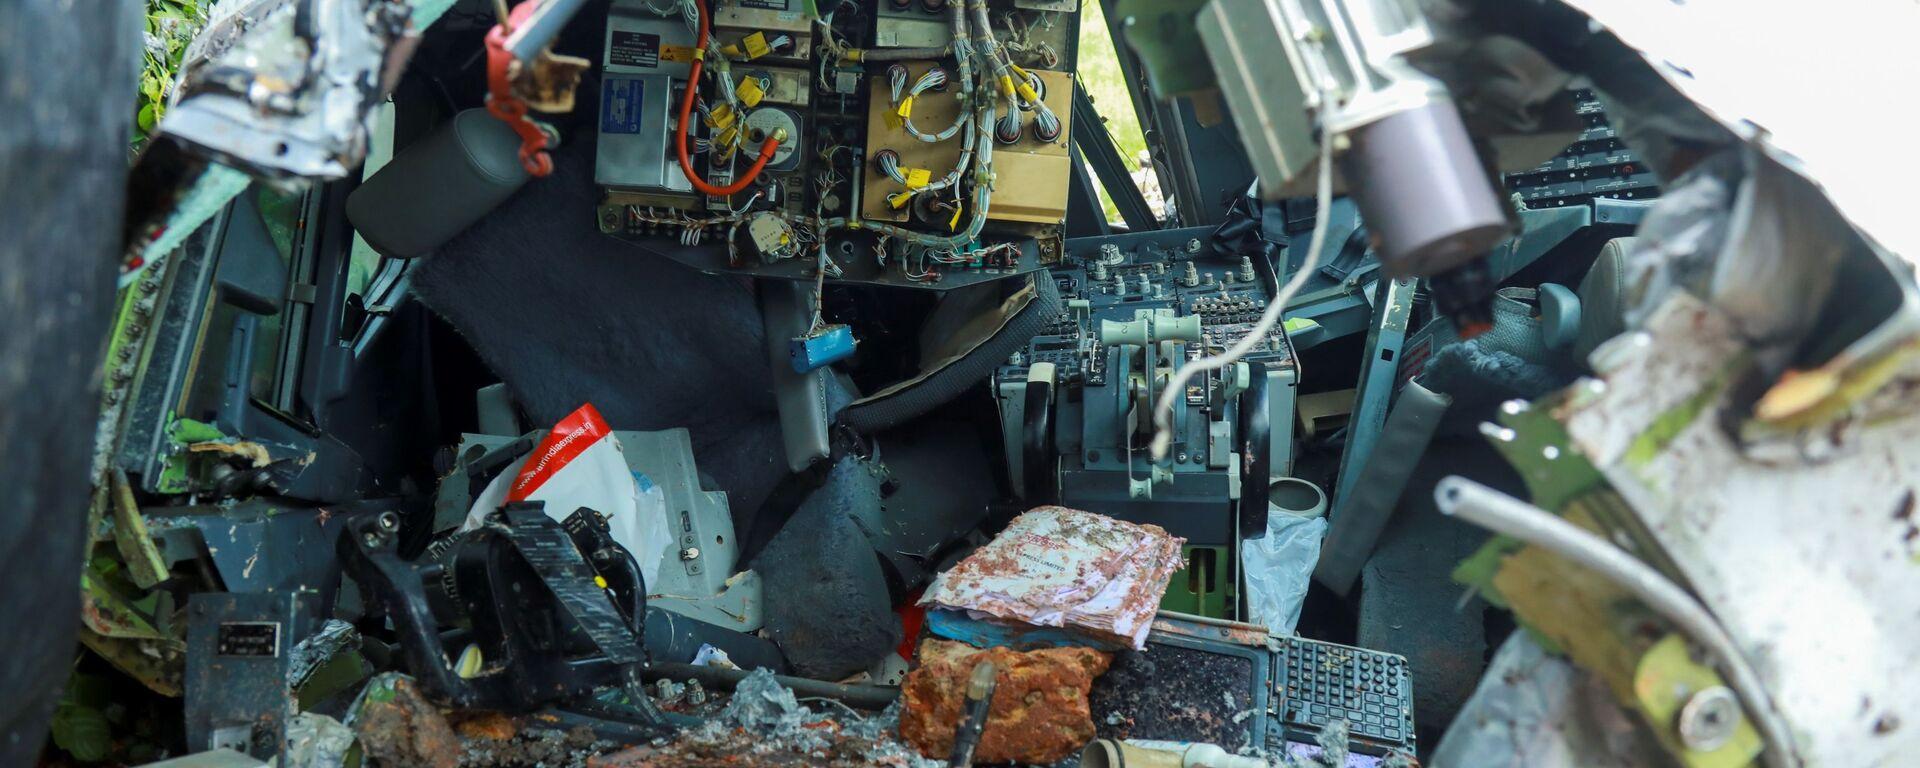 На месте крушения пассажирского самолета Boeing 737 Air India Express в индийском городе Кежикоде, штат Керала, Индия - Sputnik Таджикистан, 1920, 10.06.2021